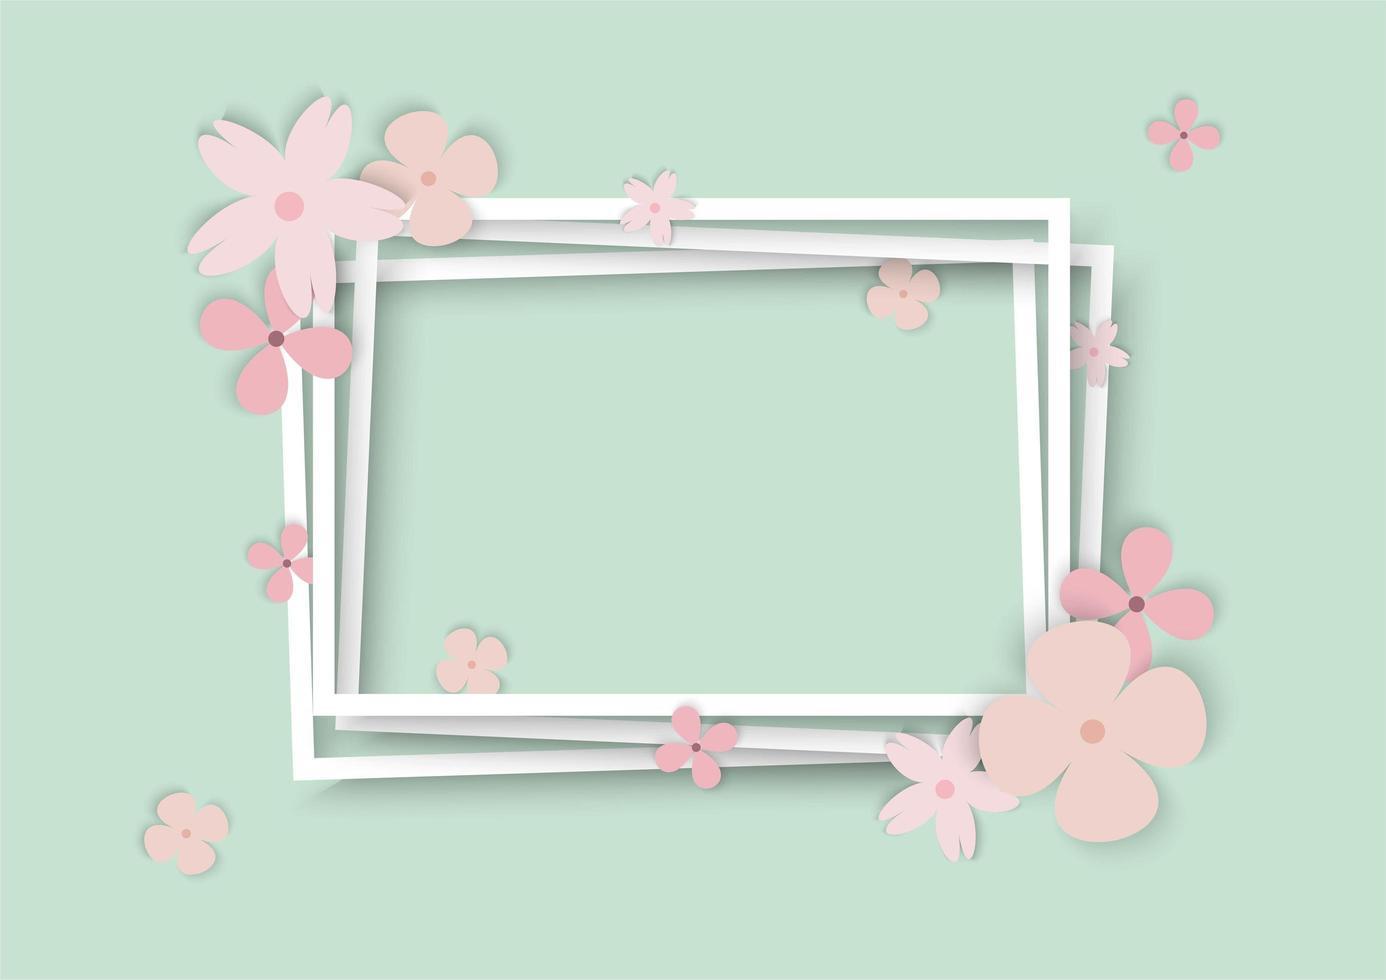 contorno di cornice bianca fiori pastello vettore